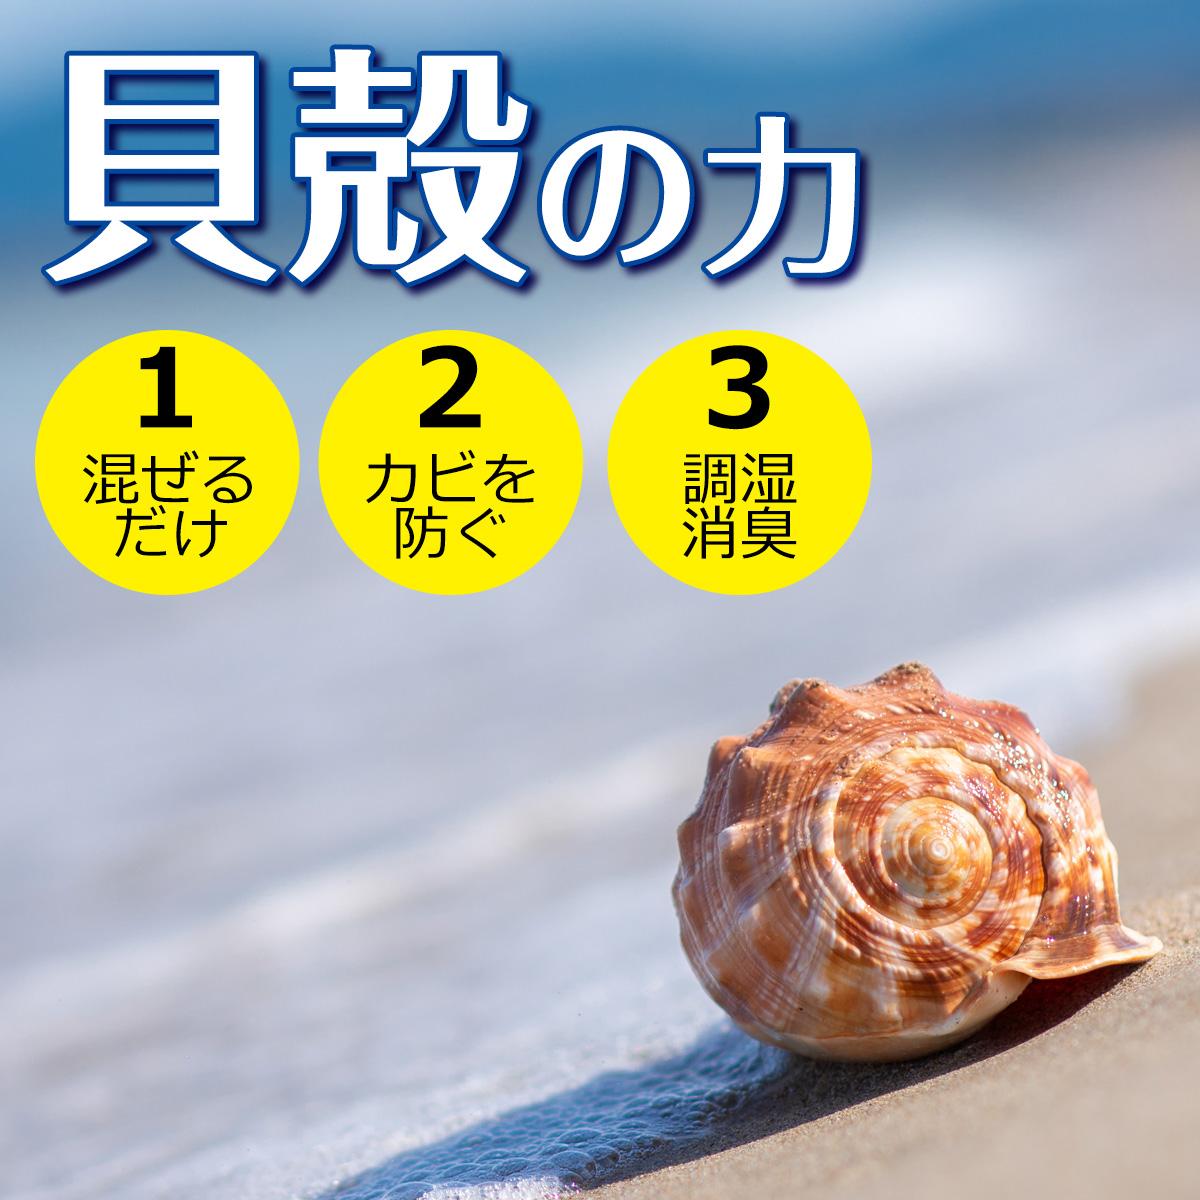 貝殻の力 1・混ぜるだけ 2・カビを防ぐ 3・調湿/消臭